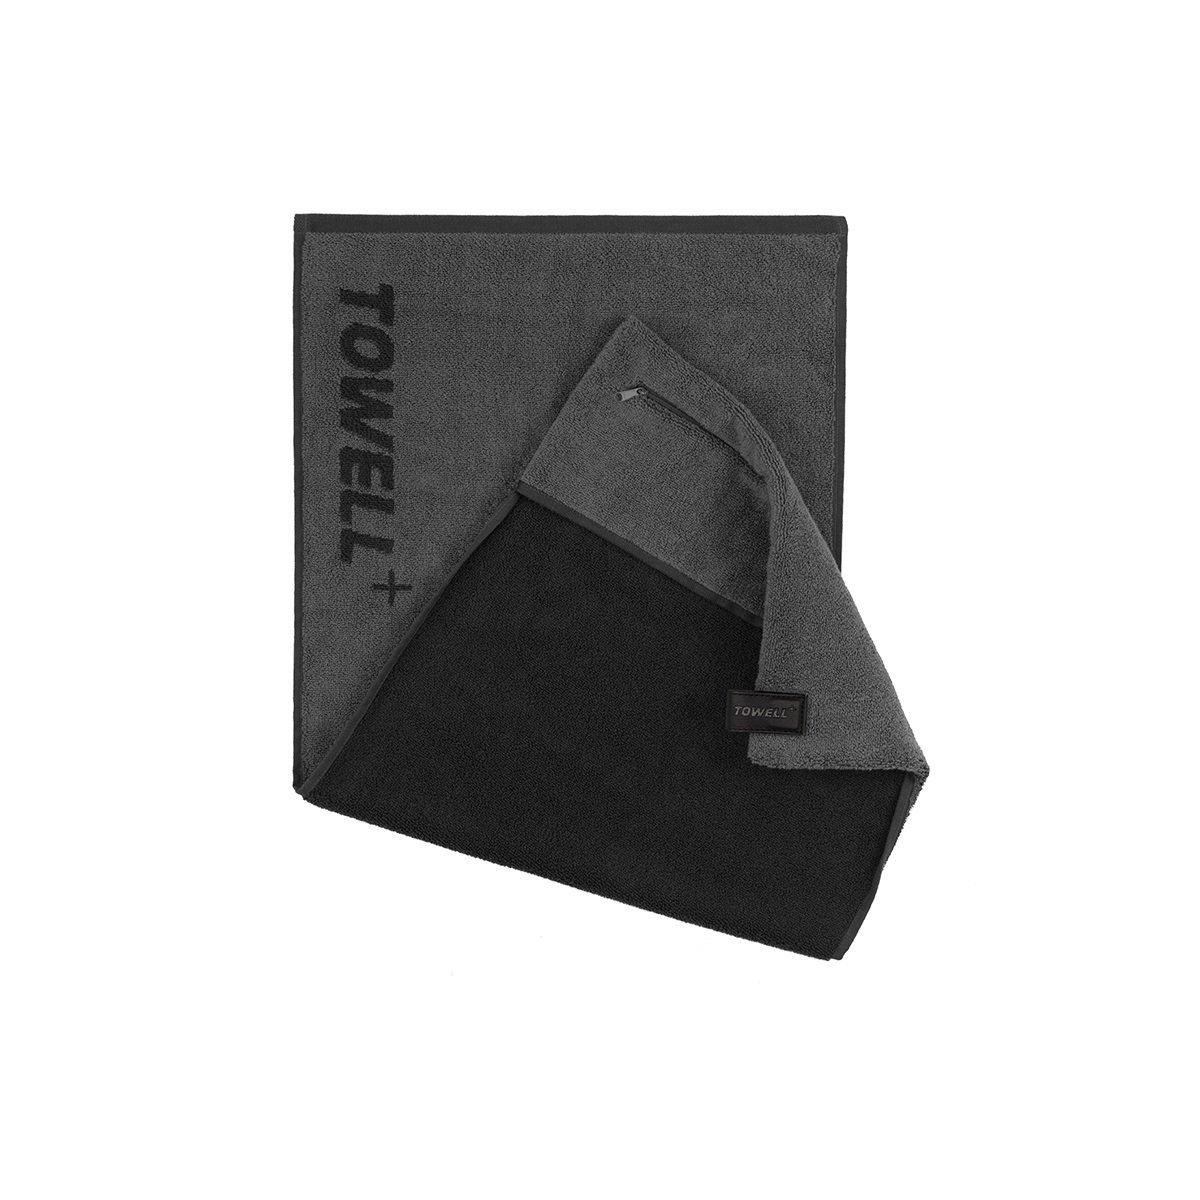 Многофункциональное спортивное полотенце TOWELL+ Серое-черное, КОД: 144454